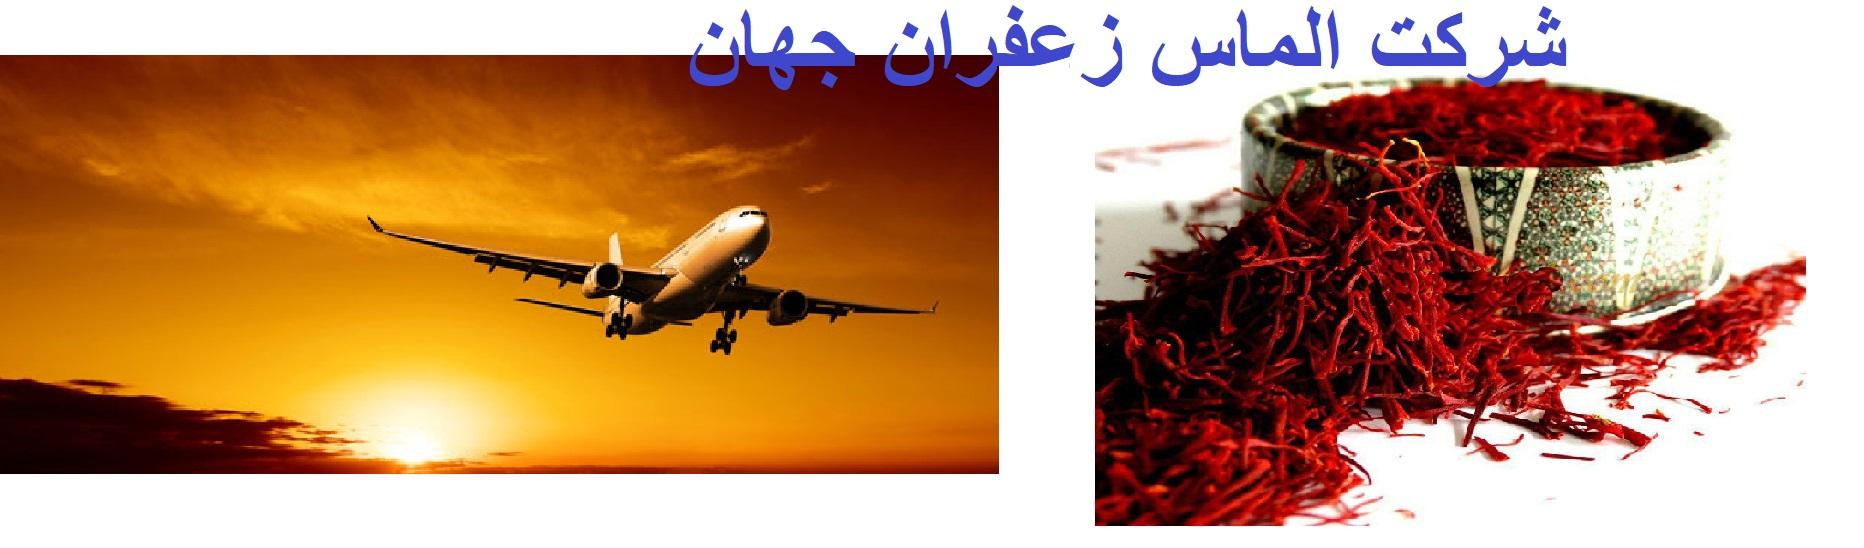 هزینه گمرکی صادرات زعفران